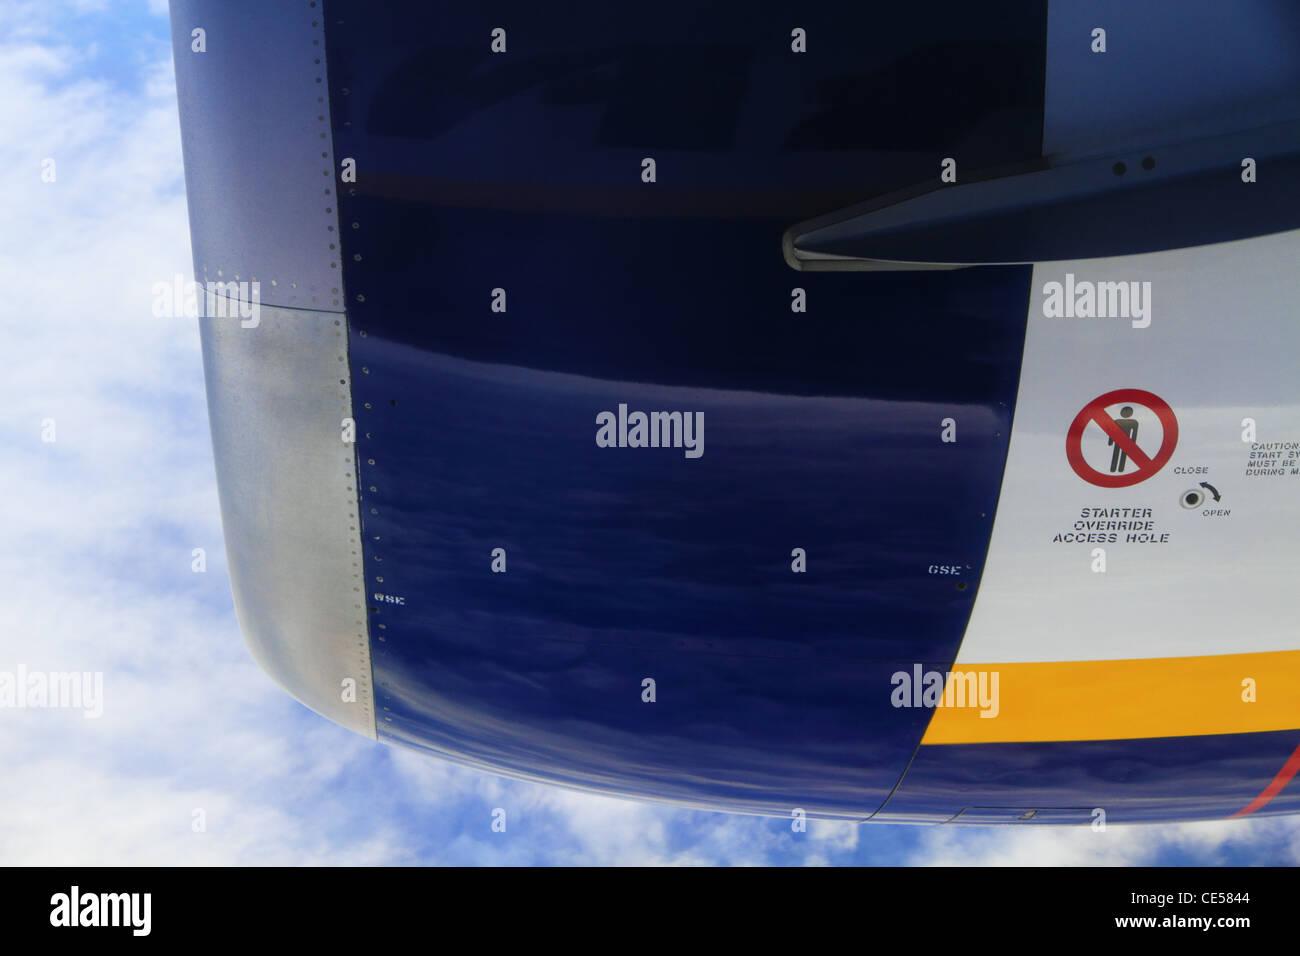 Die Gehäuse Fall Außenwand eines Jet-Engine auf einem Ryanair-Boeing 737-800 Flugzeug Flugzeuge Nahaufnahme Stockbild